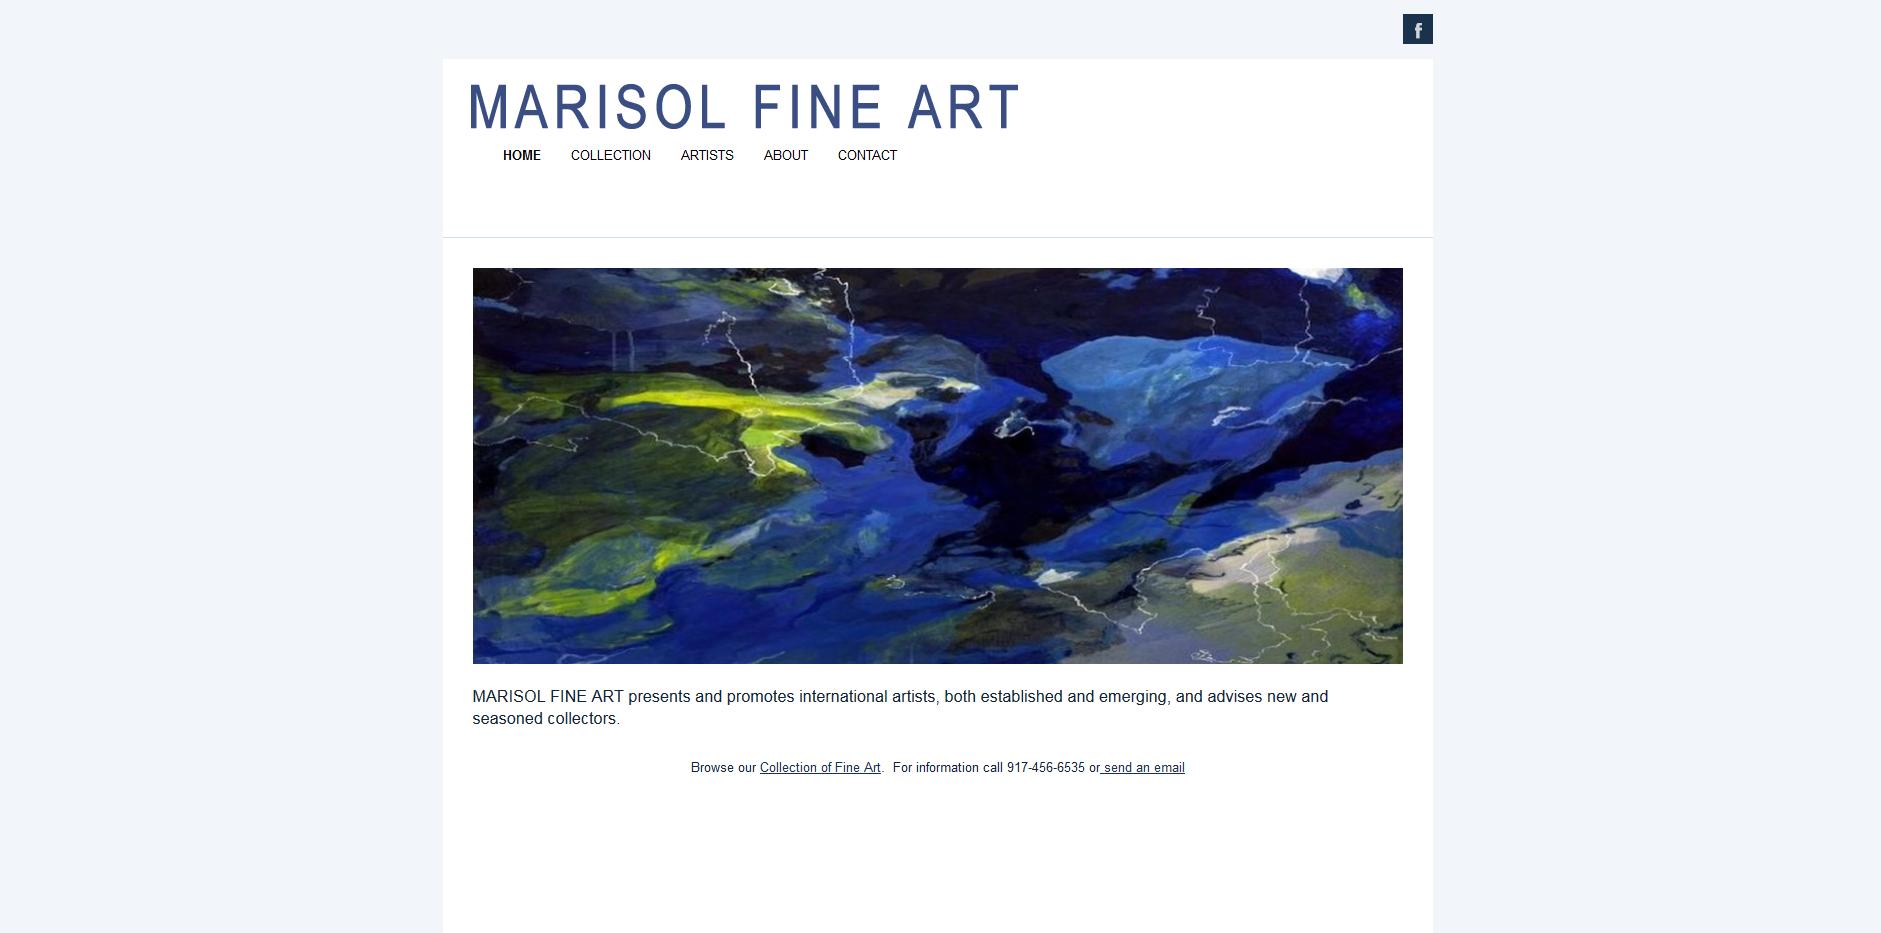 Marison-Fine-Art